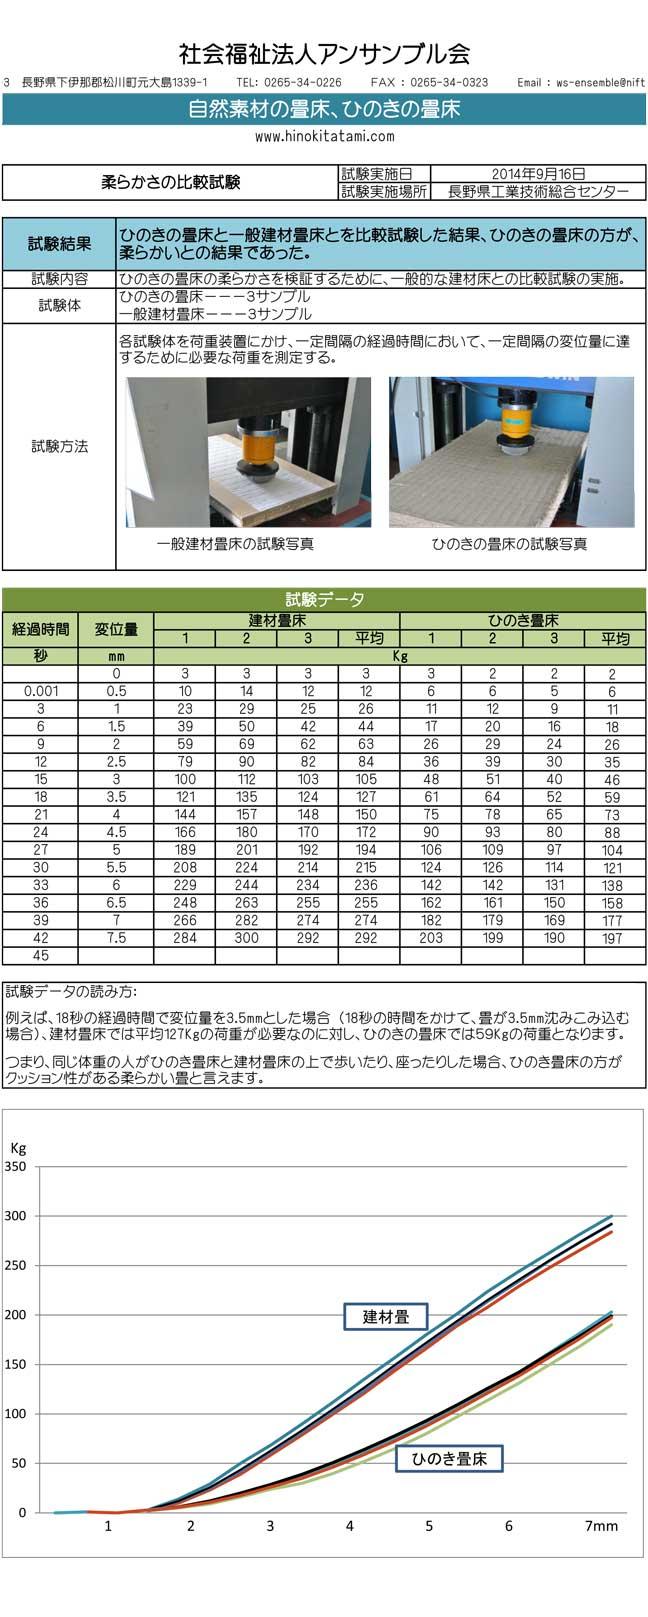 畳床試験 柔らかさの比較試験